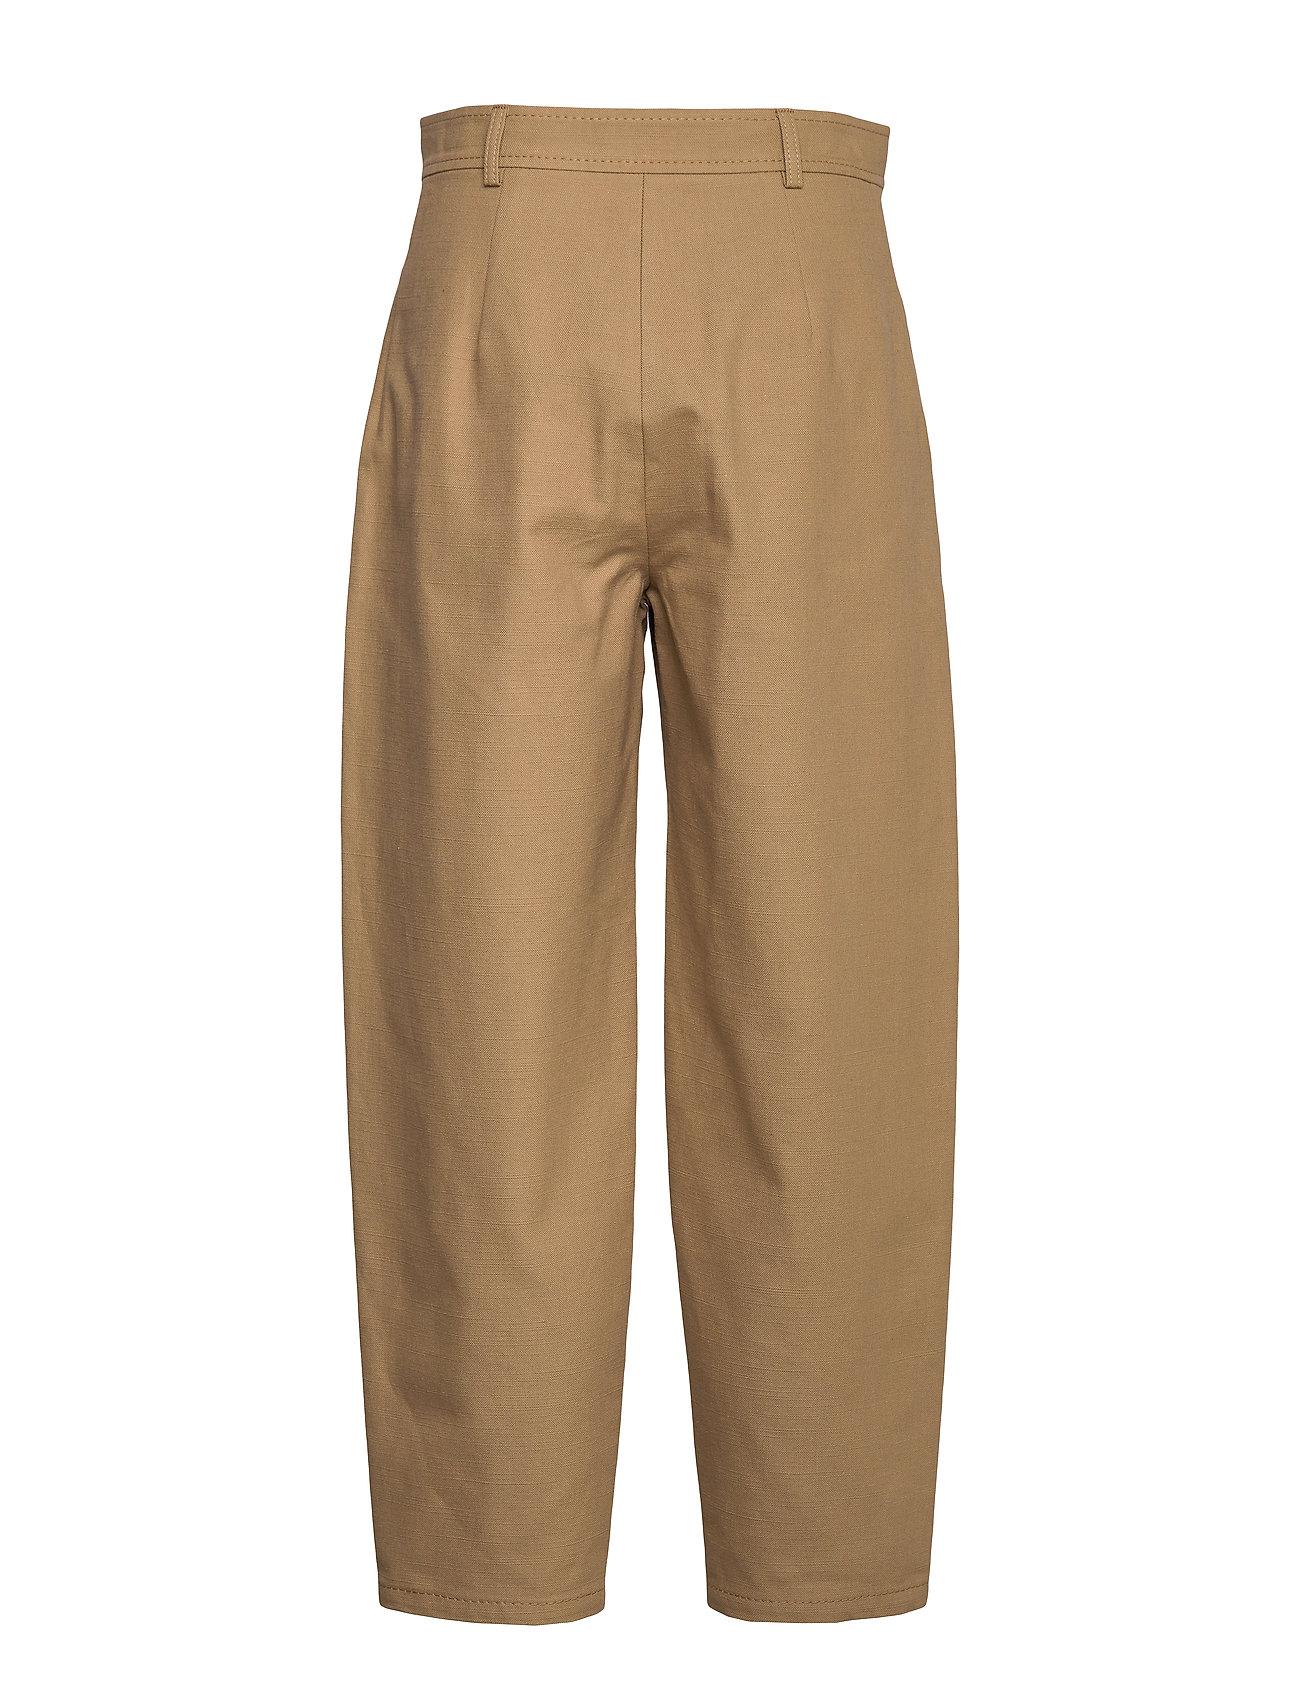 Lovechild 1979  esmira blouse | Laaja valikoima alennustuotteita | Naisten vaatteet